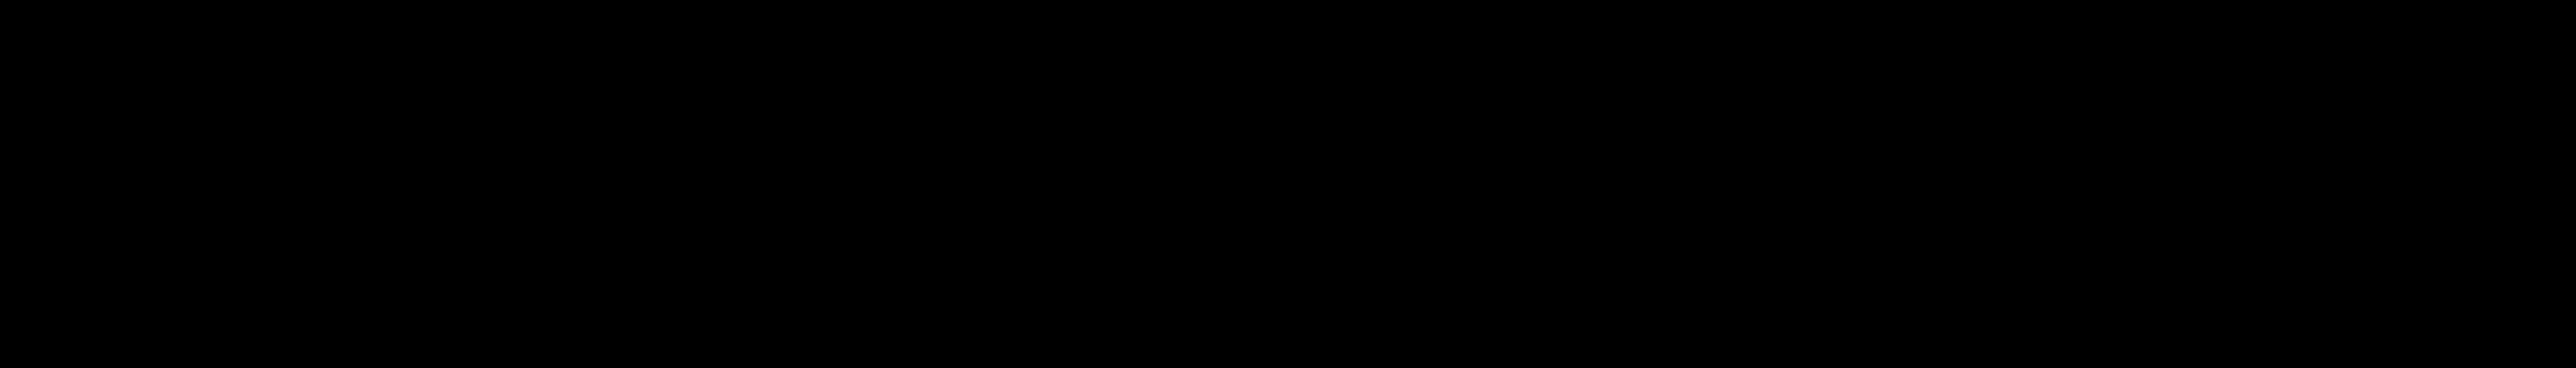 LeMillenaire